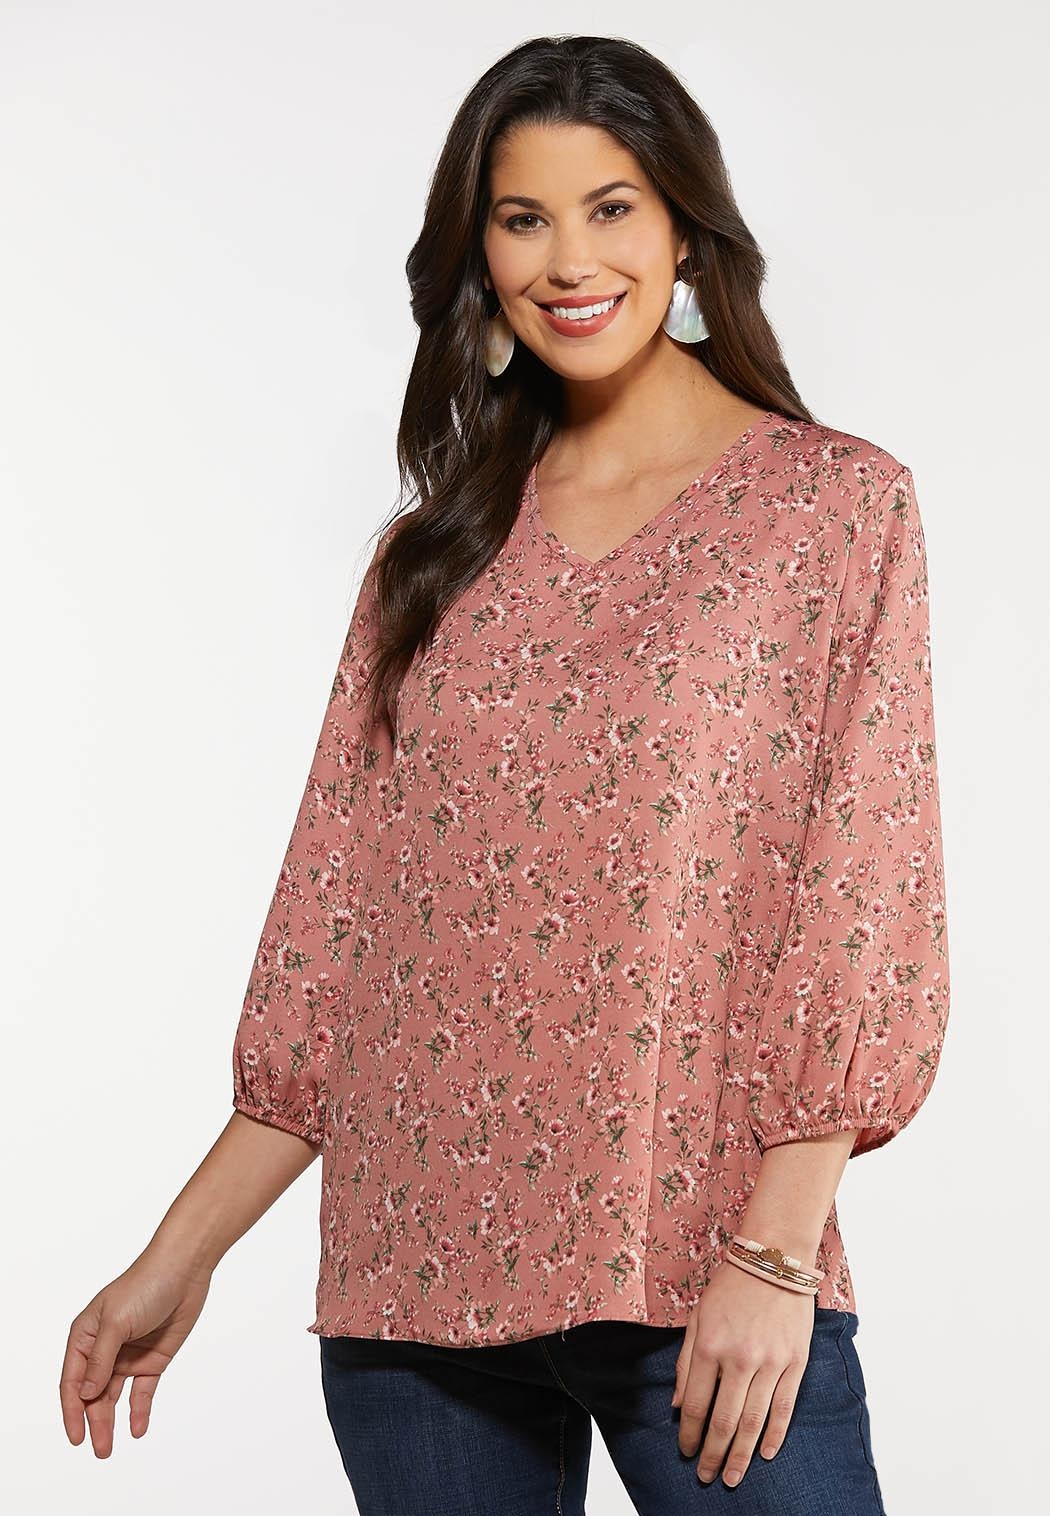 Plus Size Romantic Rose Top